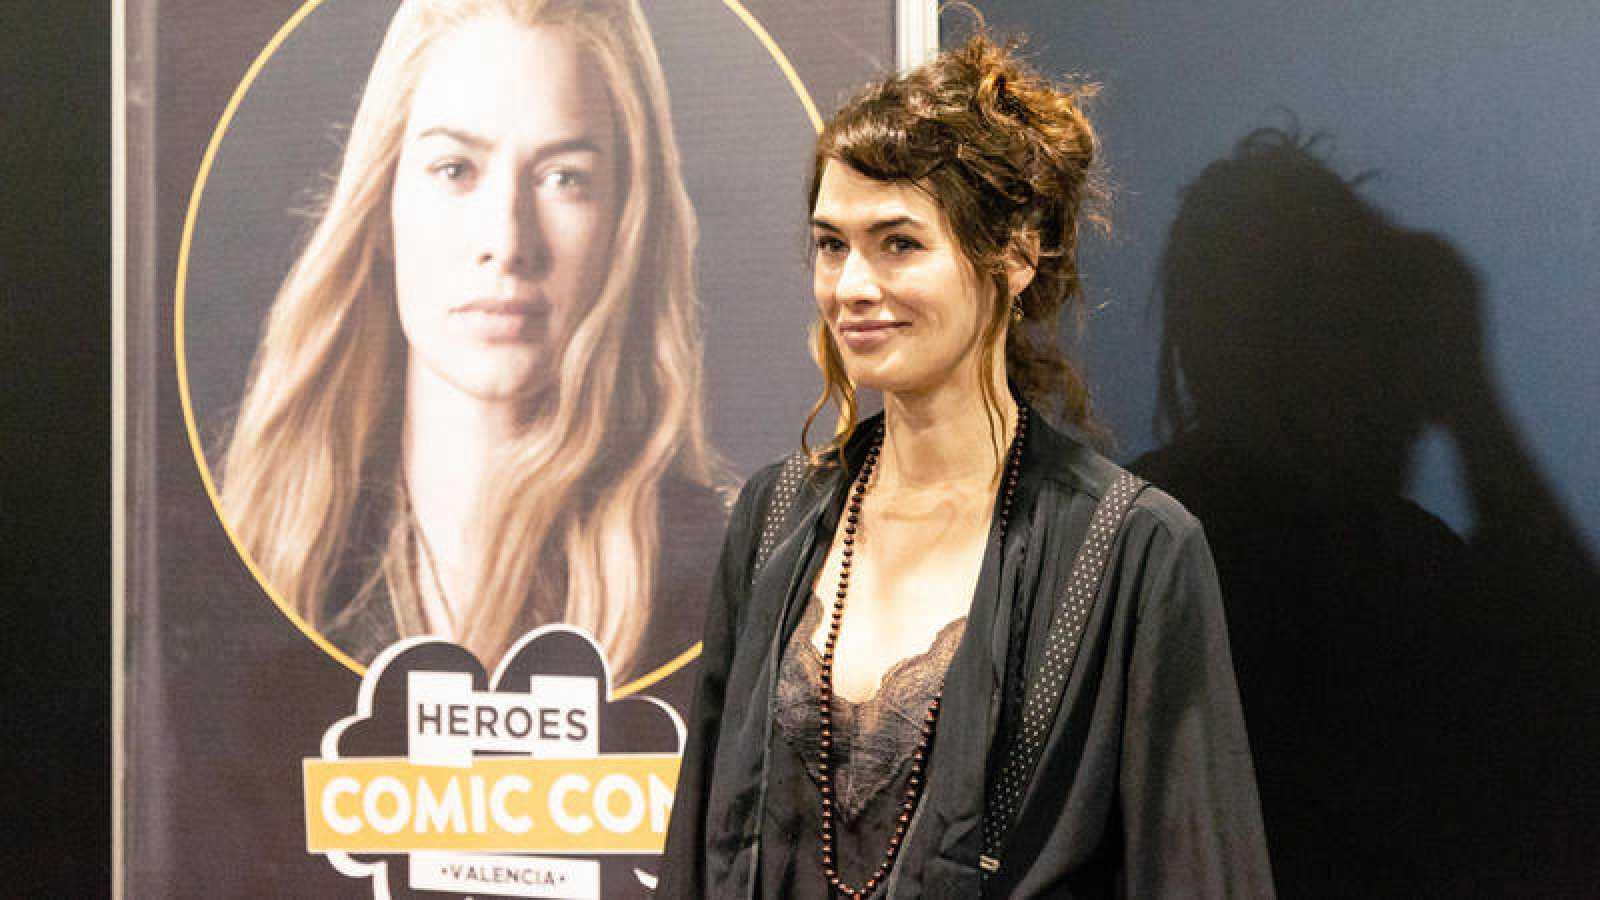 ¿Qué pasó en la Héroes Comic Con Valencia 2019?